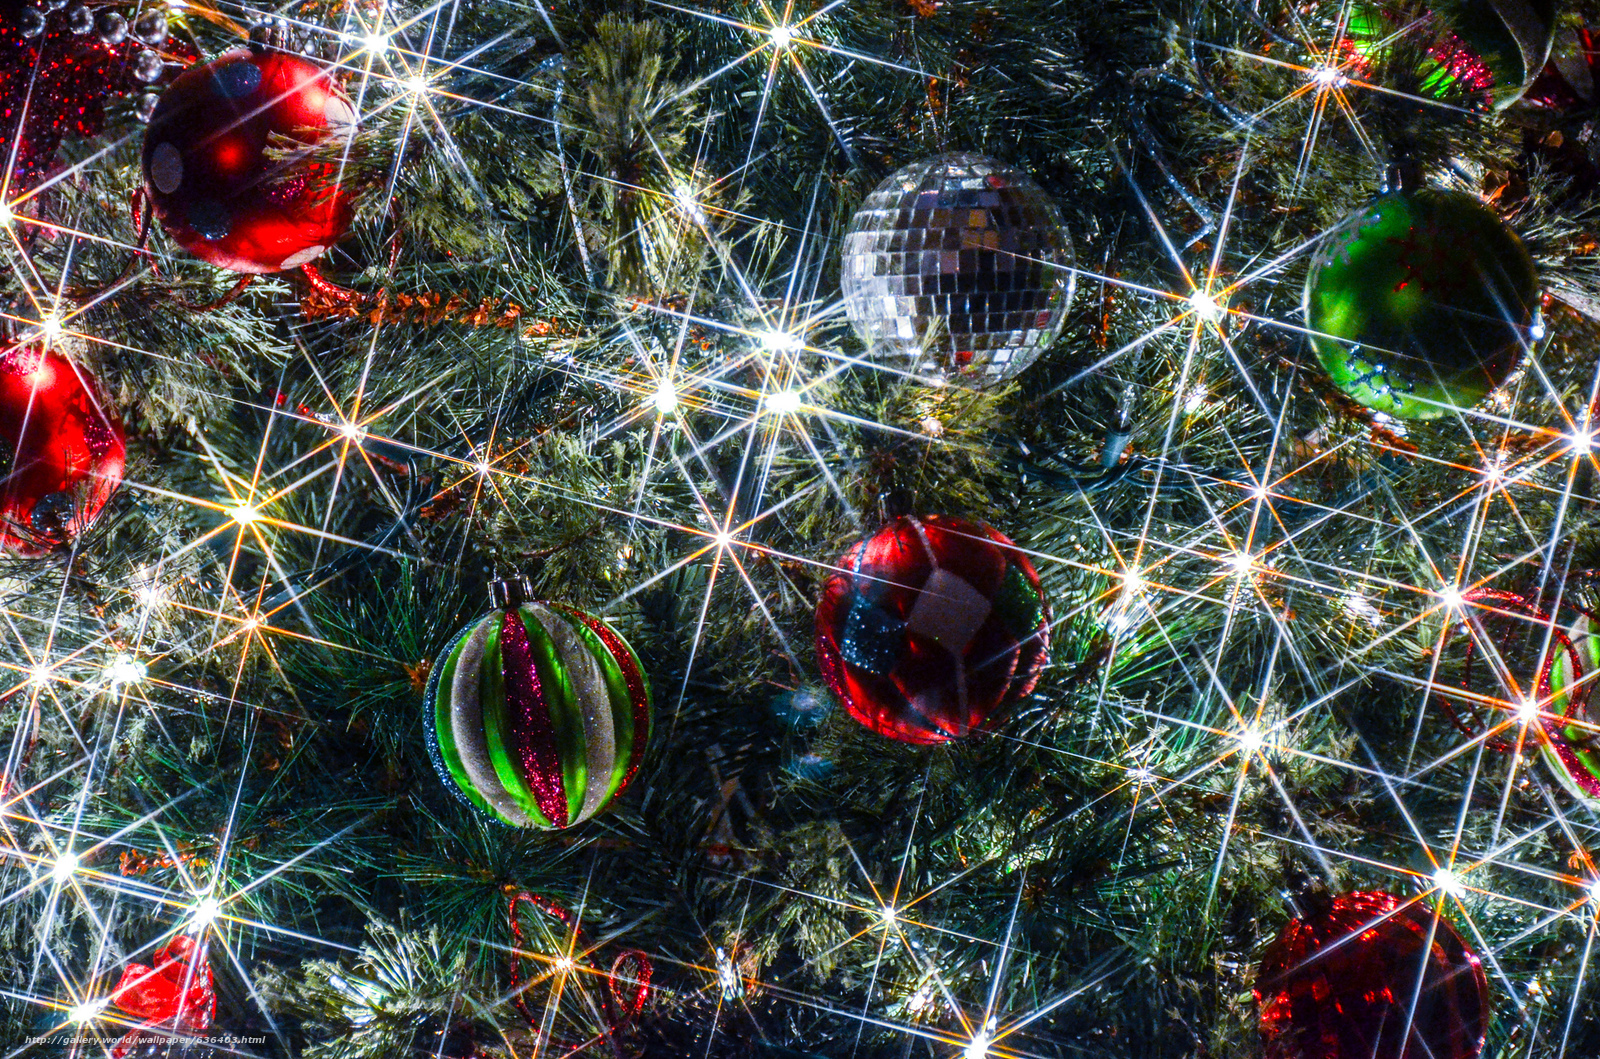 Sfondi Gratis Natalizi.Scaricare Gli Sfondi Albero Di Natale Addobbi Natalizi Palloncini